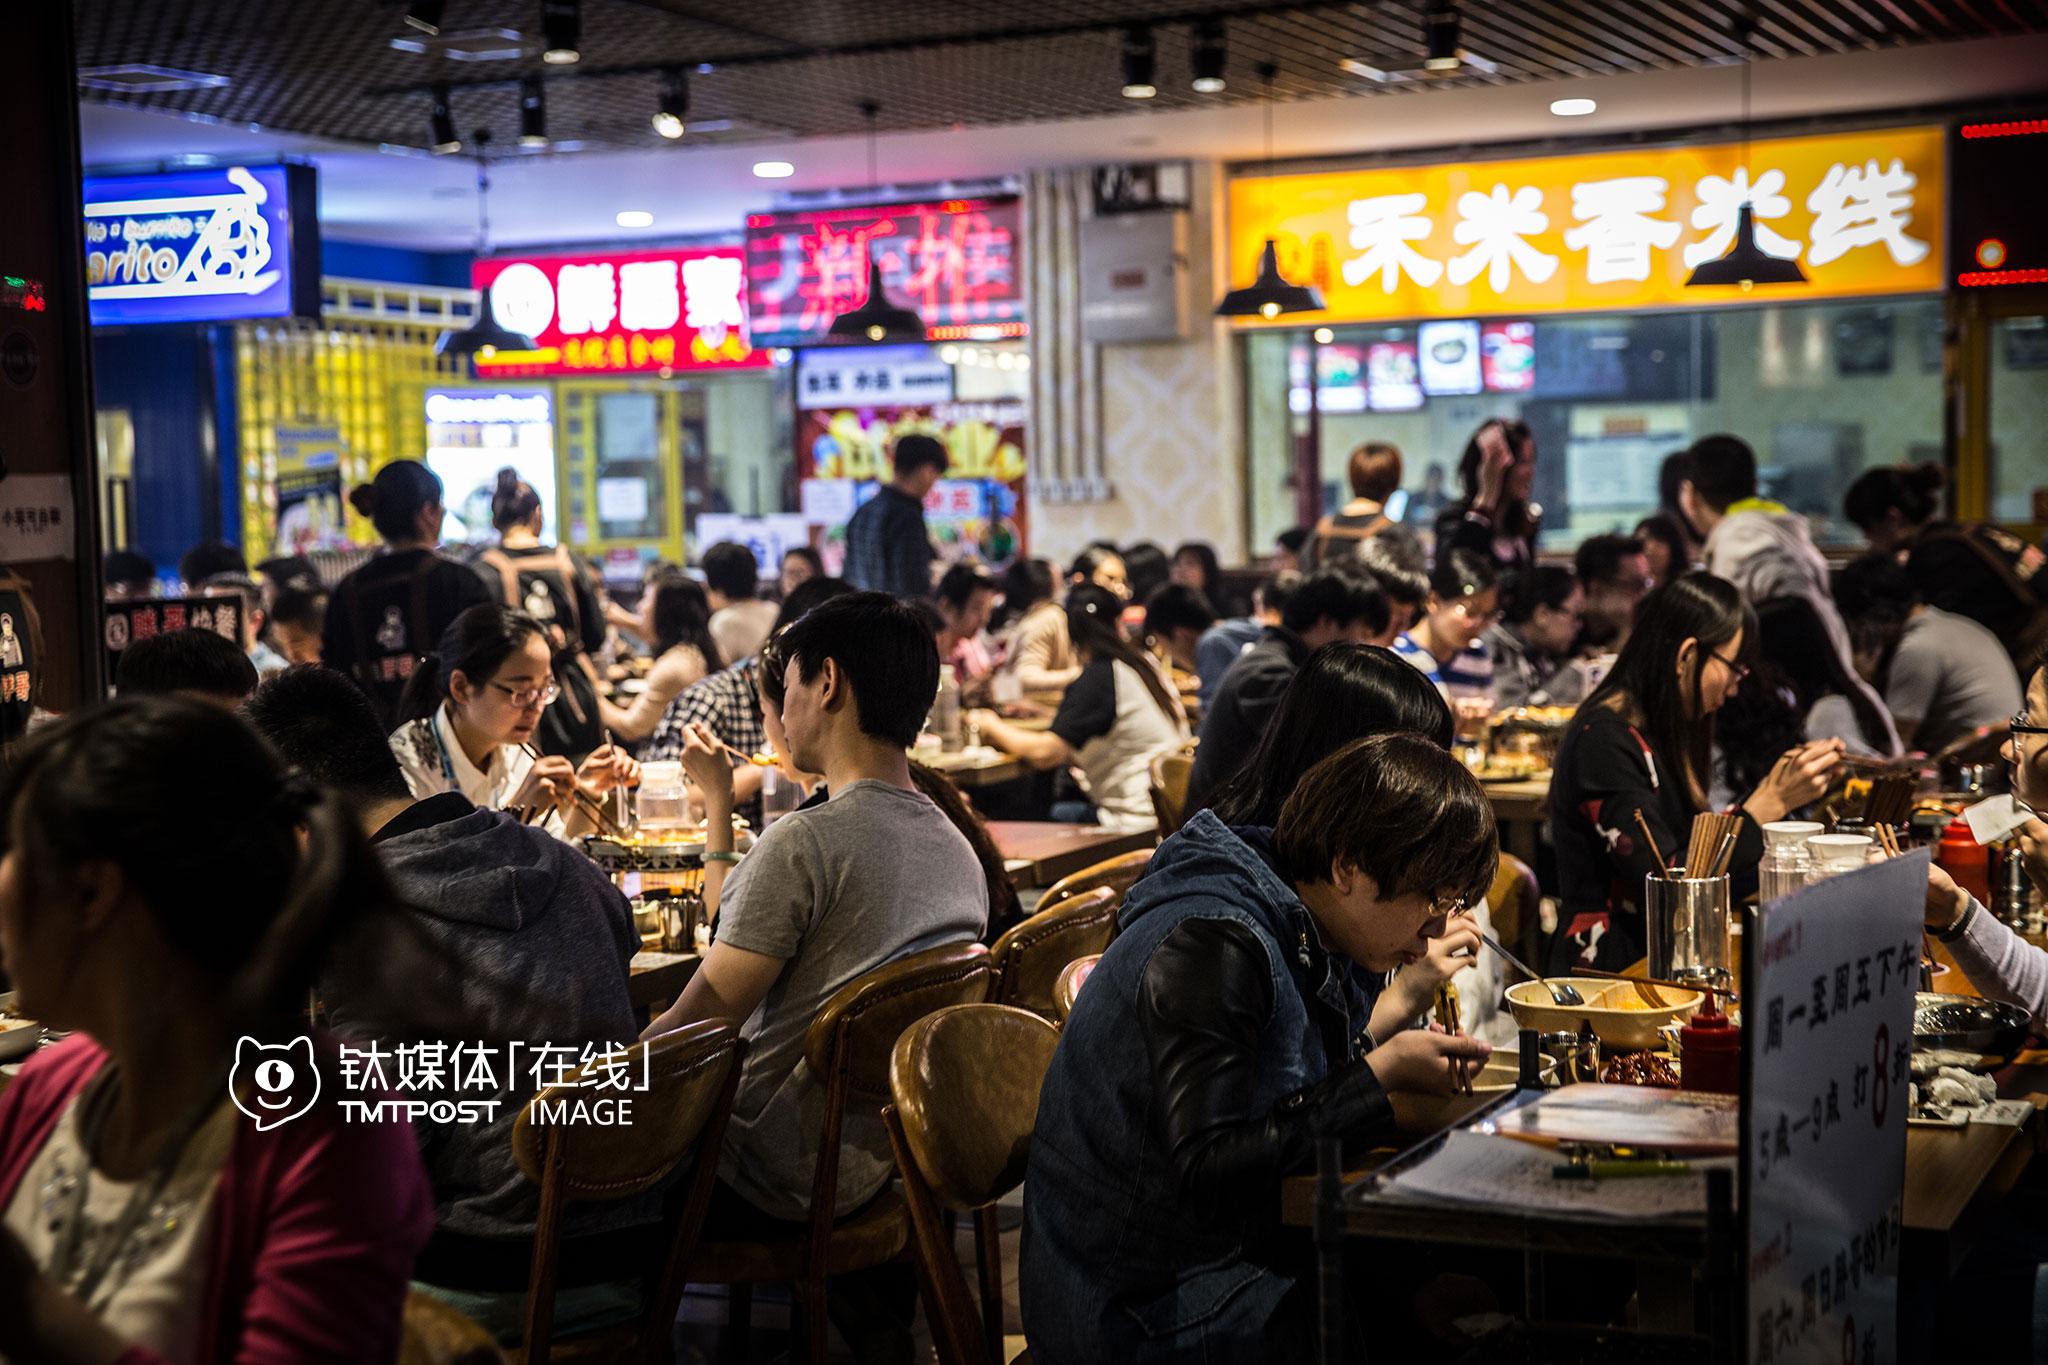 辉煌国际广场负一楼,各式快餐店聚集,这里是楼里上班族午餐的重要选择,便宜,方便。